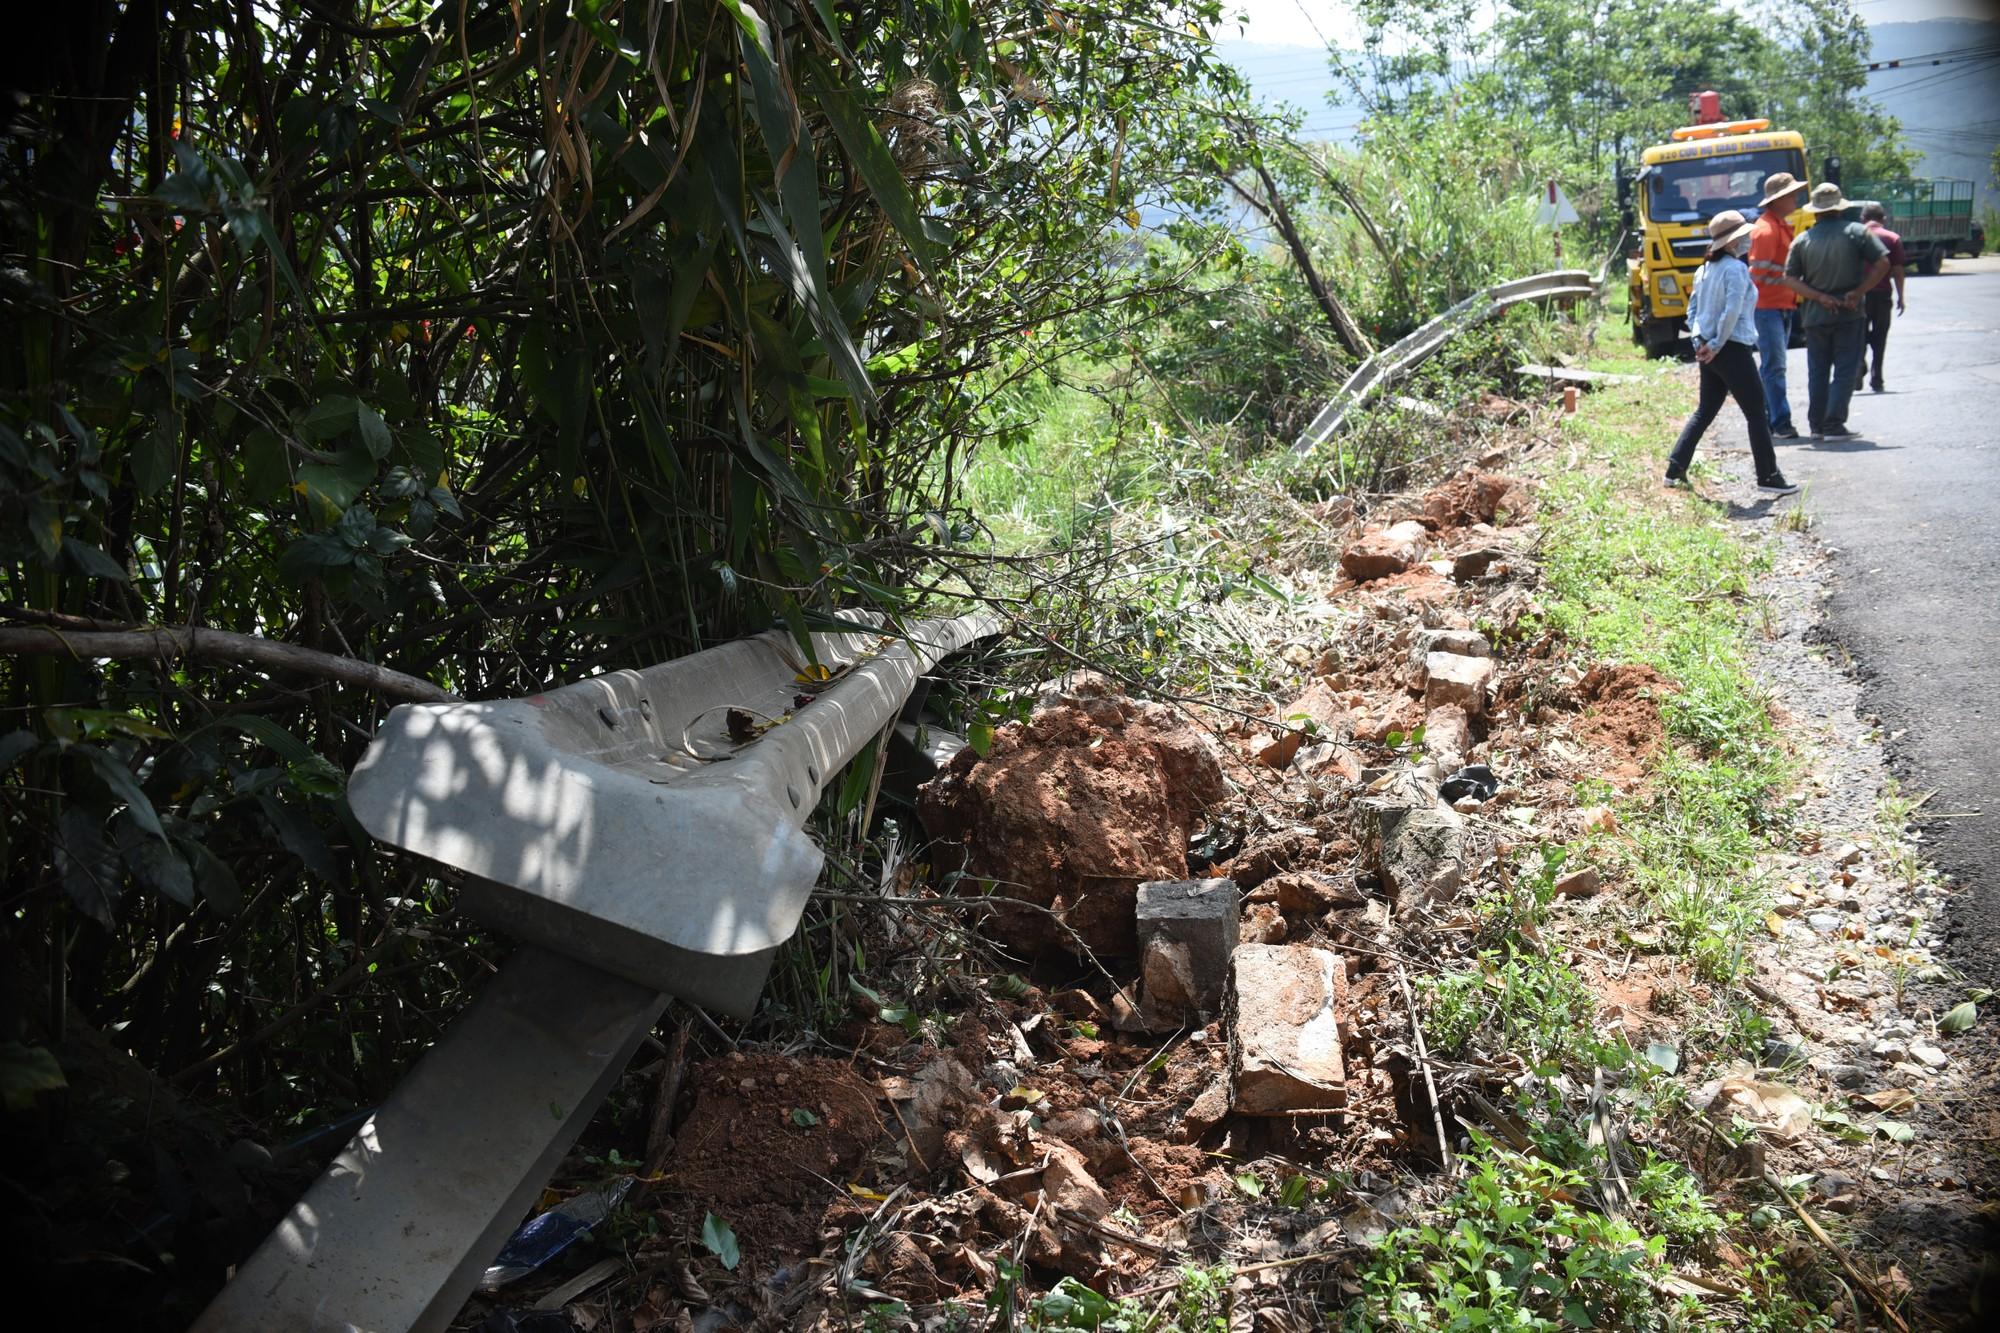 Đà Lạt: Người đi đường rớt tim khi chiếc xe tải đang leo đèo Mimosa thì bể nồi hơi, lao thẳng xuống vực - Ảnh 4.